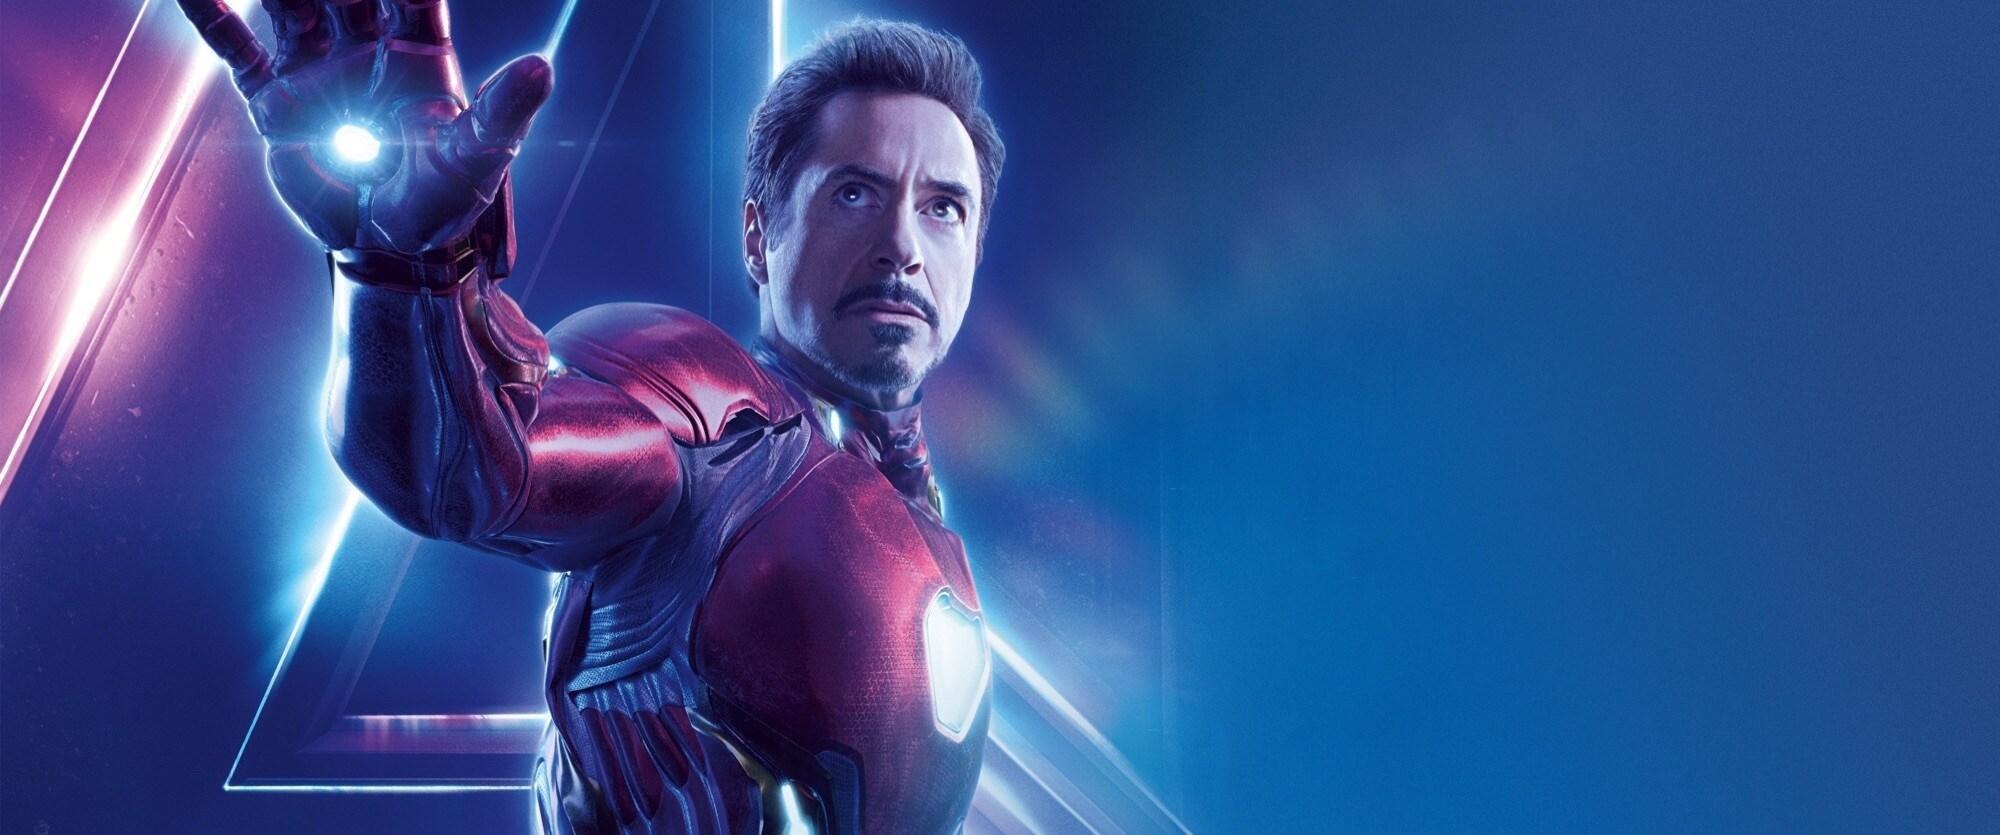 Avengers Infinity War In Cinemas